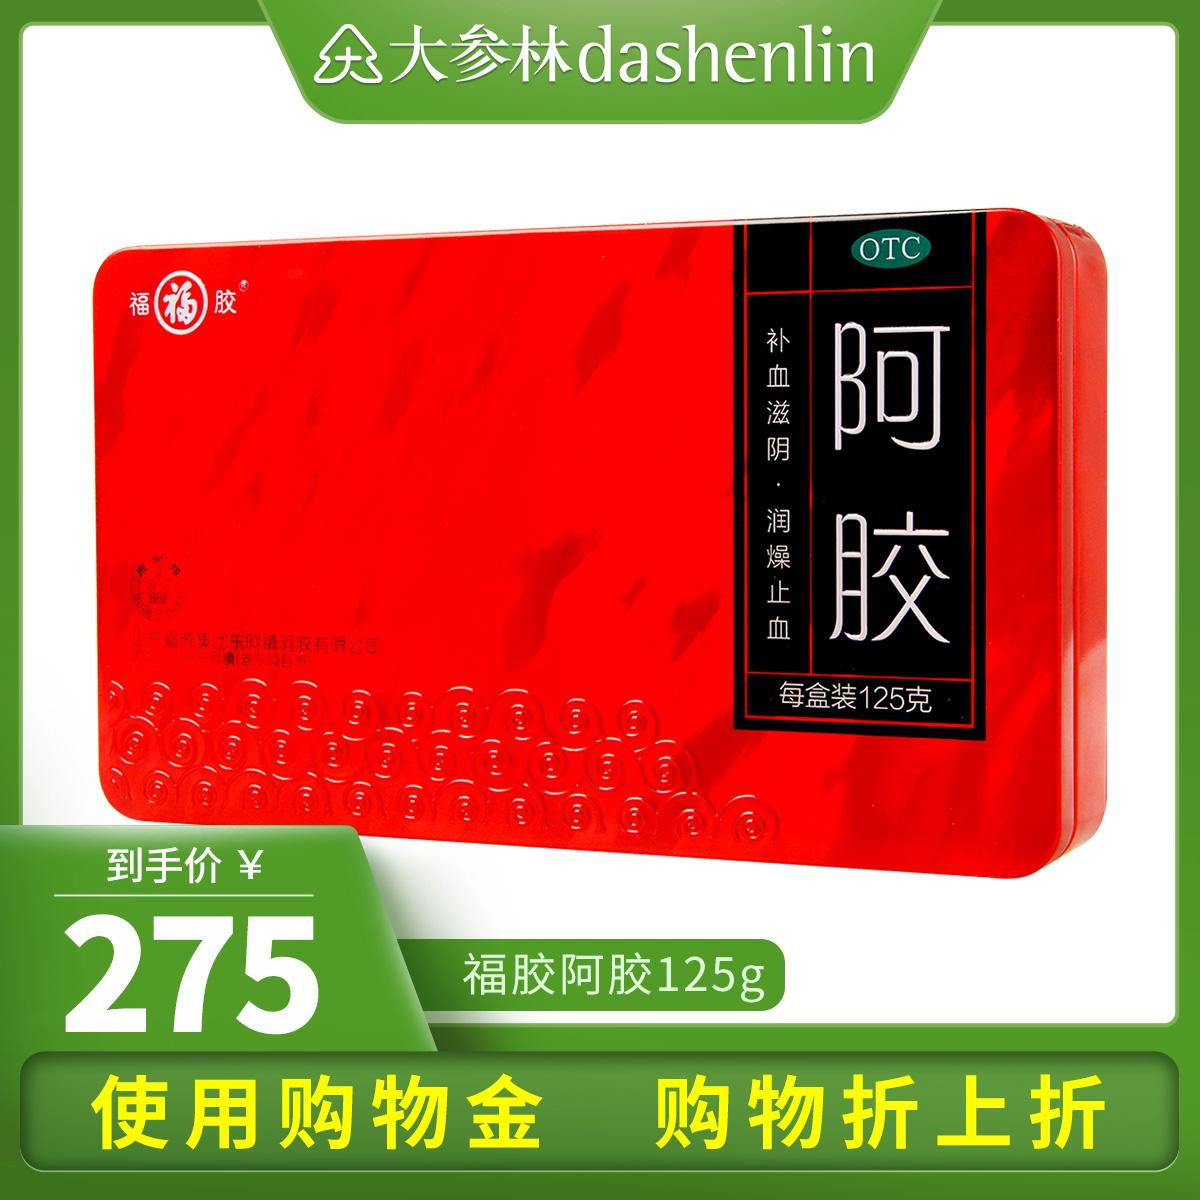 Fupai donkey hide gelatin 125g iron box Ejia tonifying qi and blood nourishing Yin Guyuan ointment donkey hide gelatin cake Shandong donkey hide gelatin